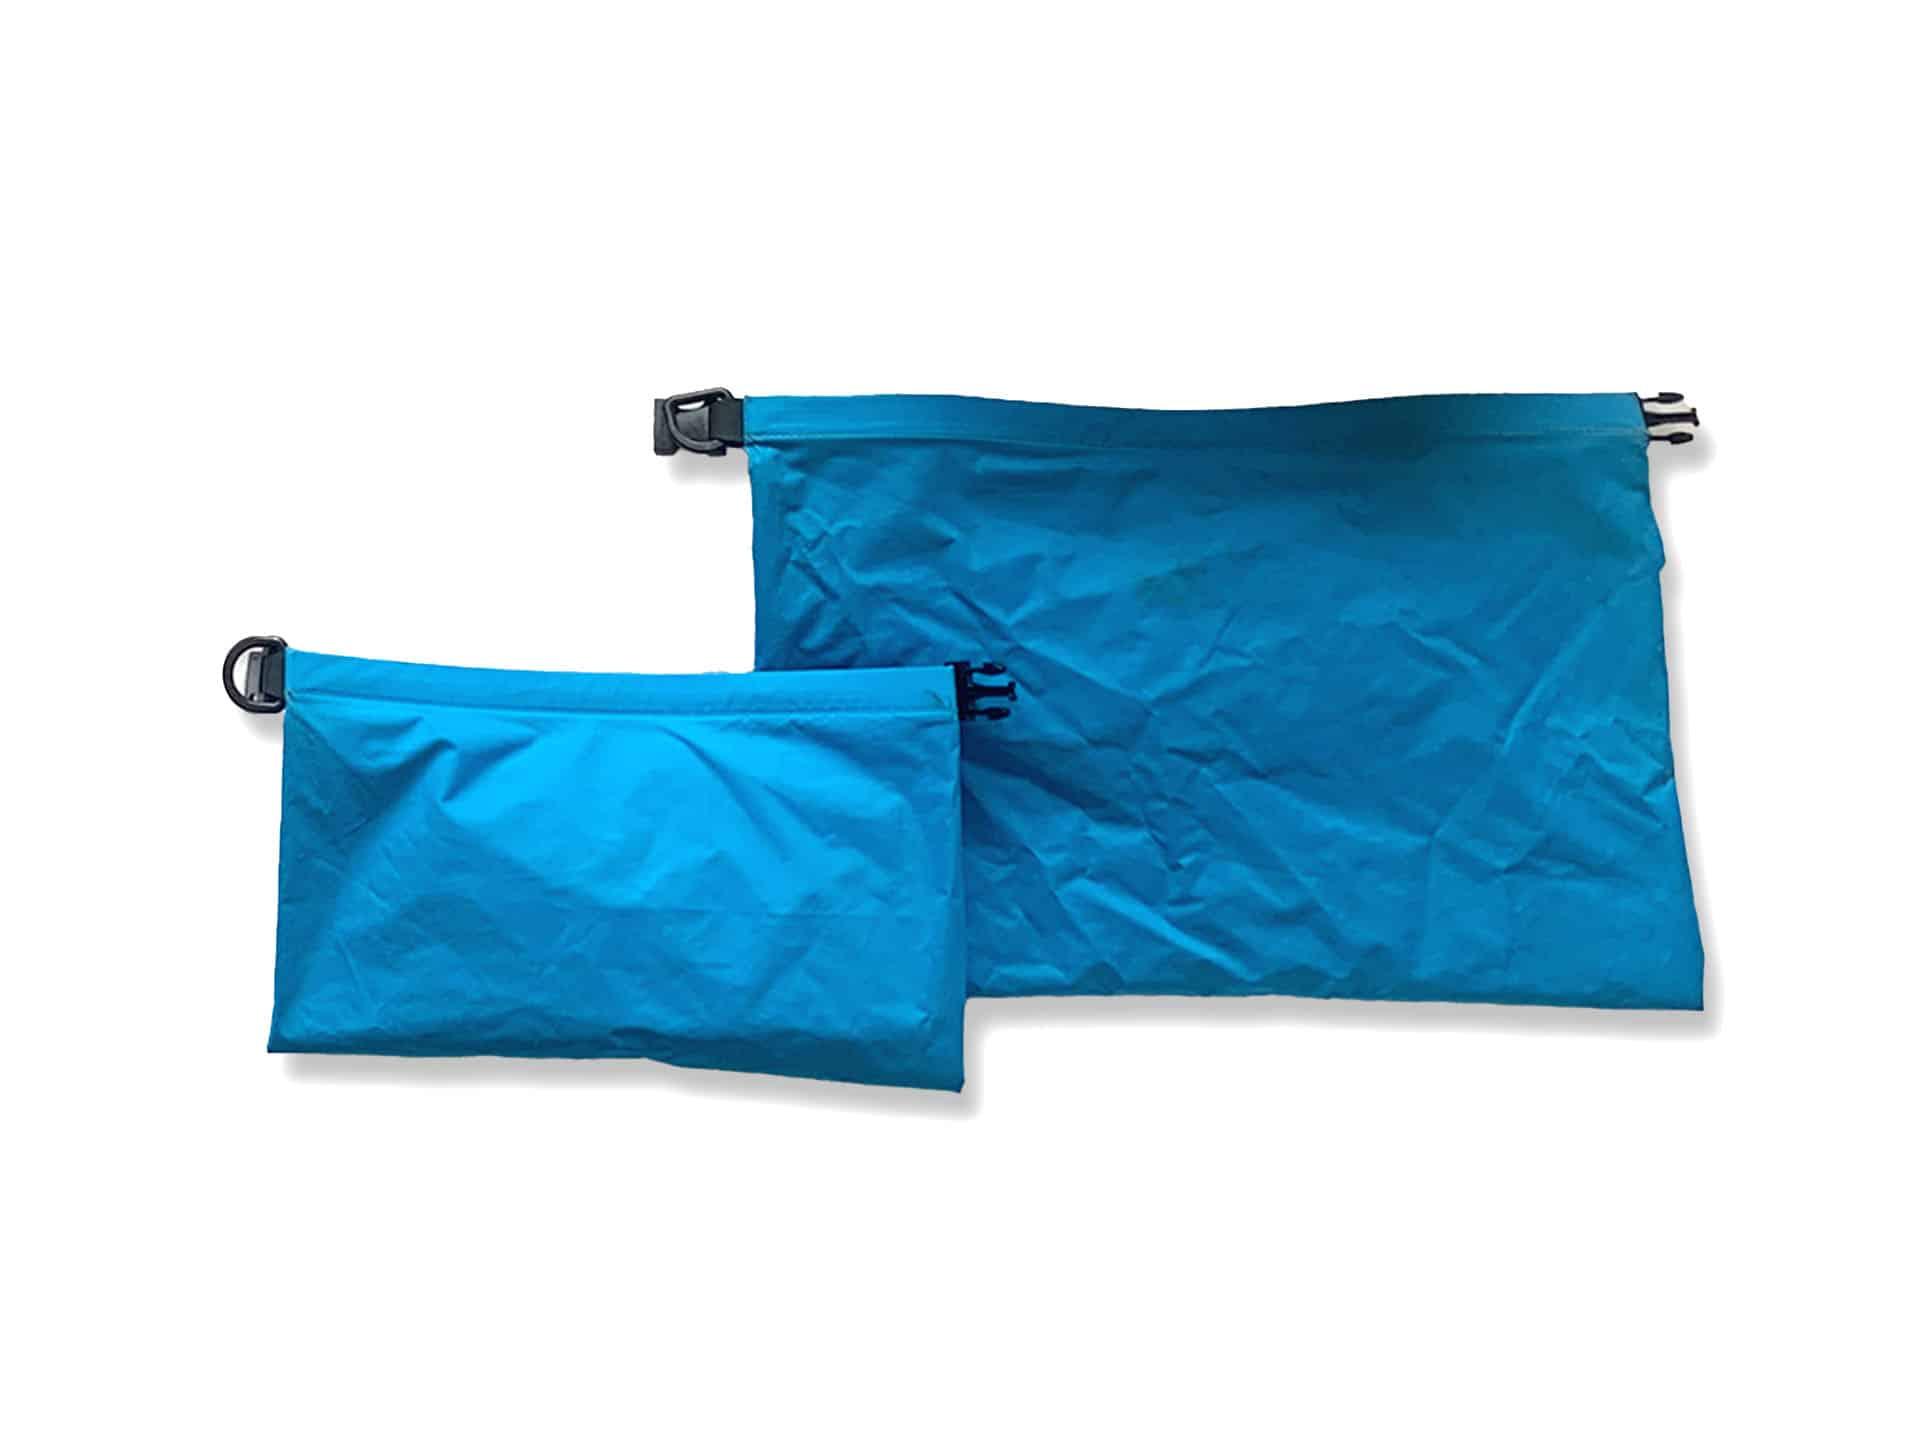 sea-sumit-dry-bag-travel-essentials